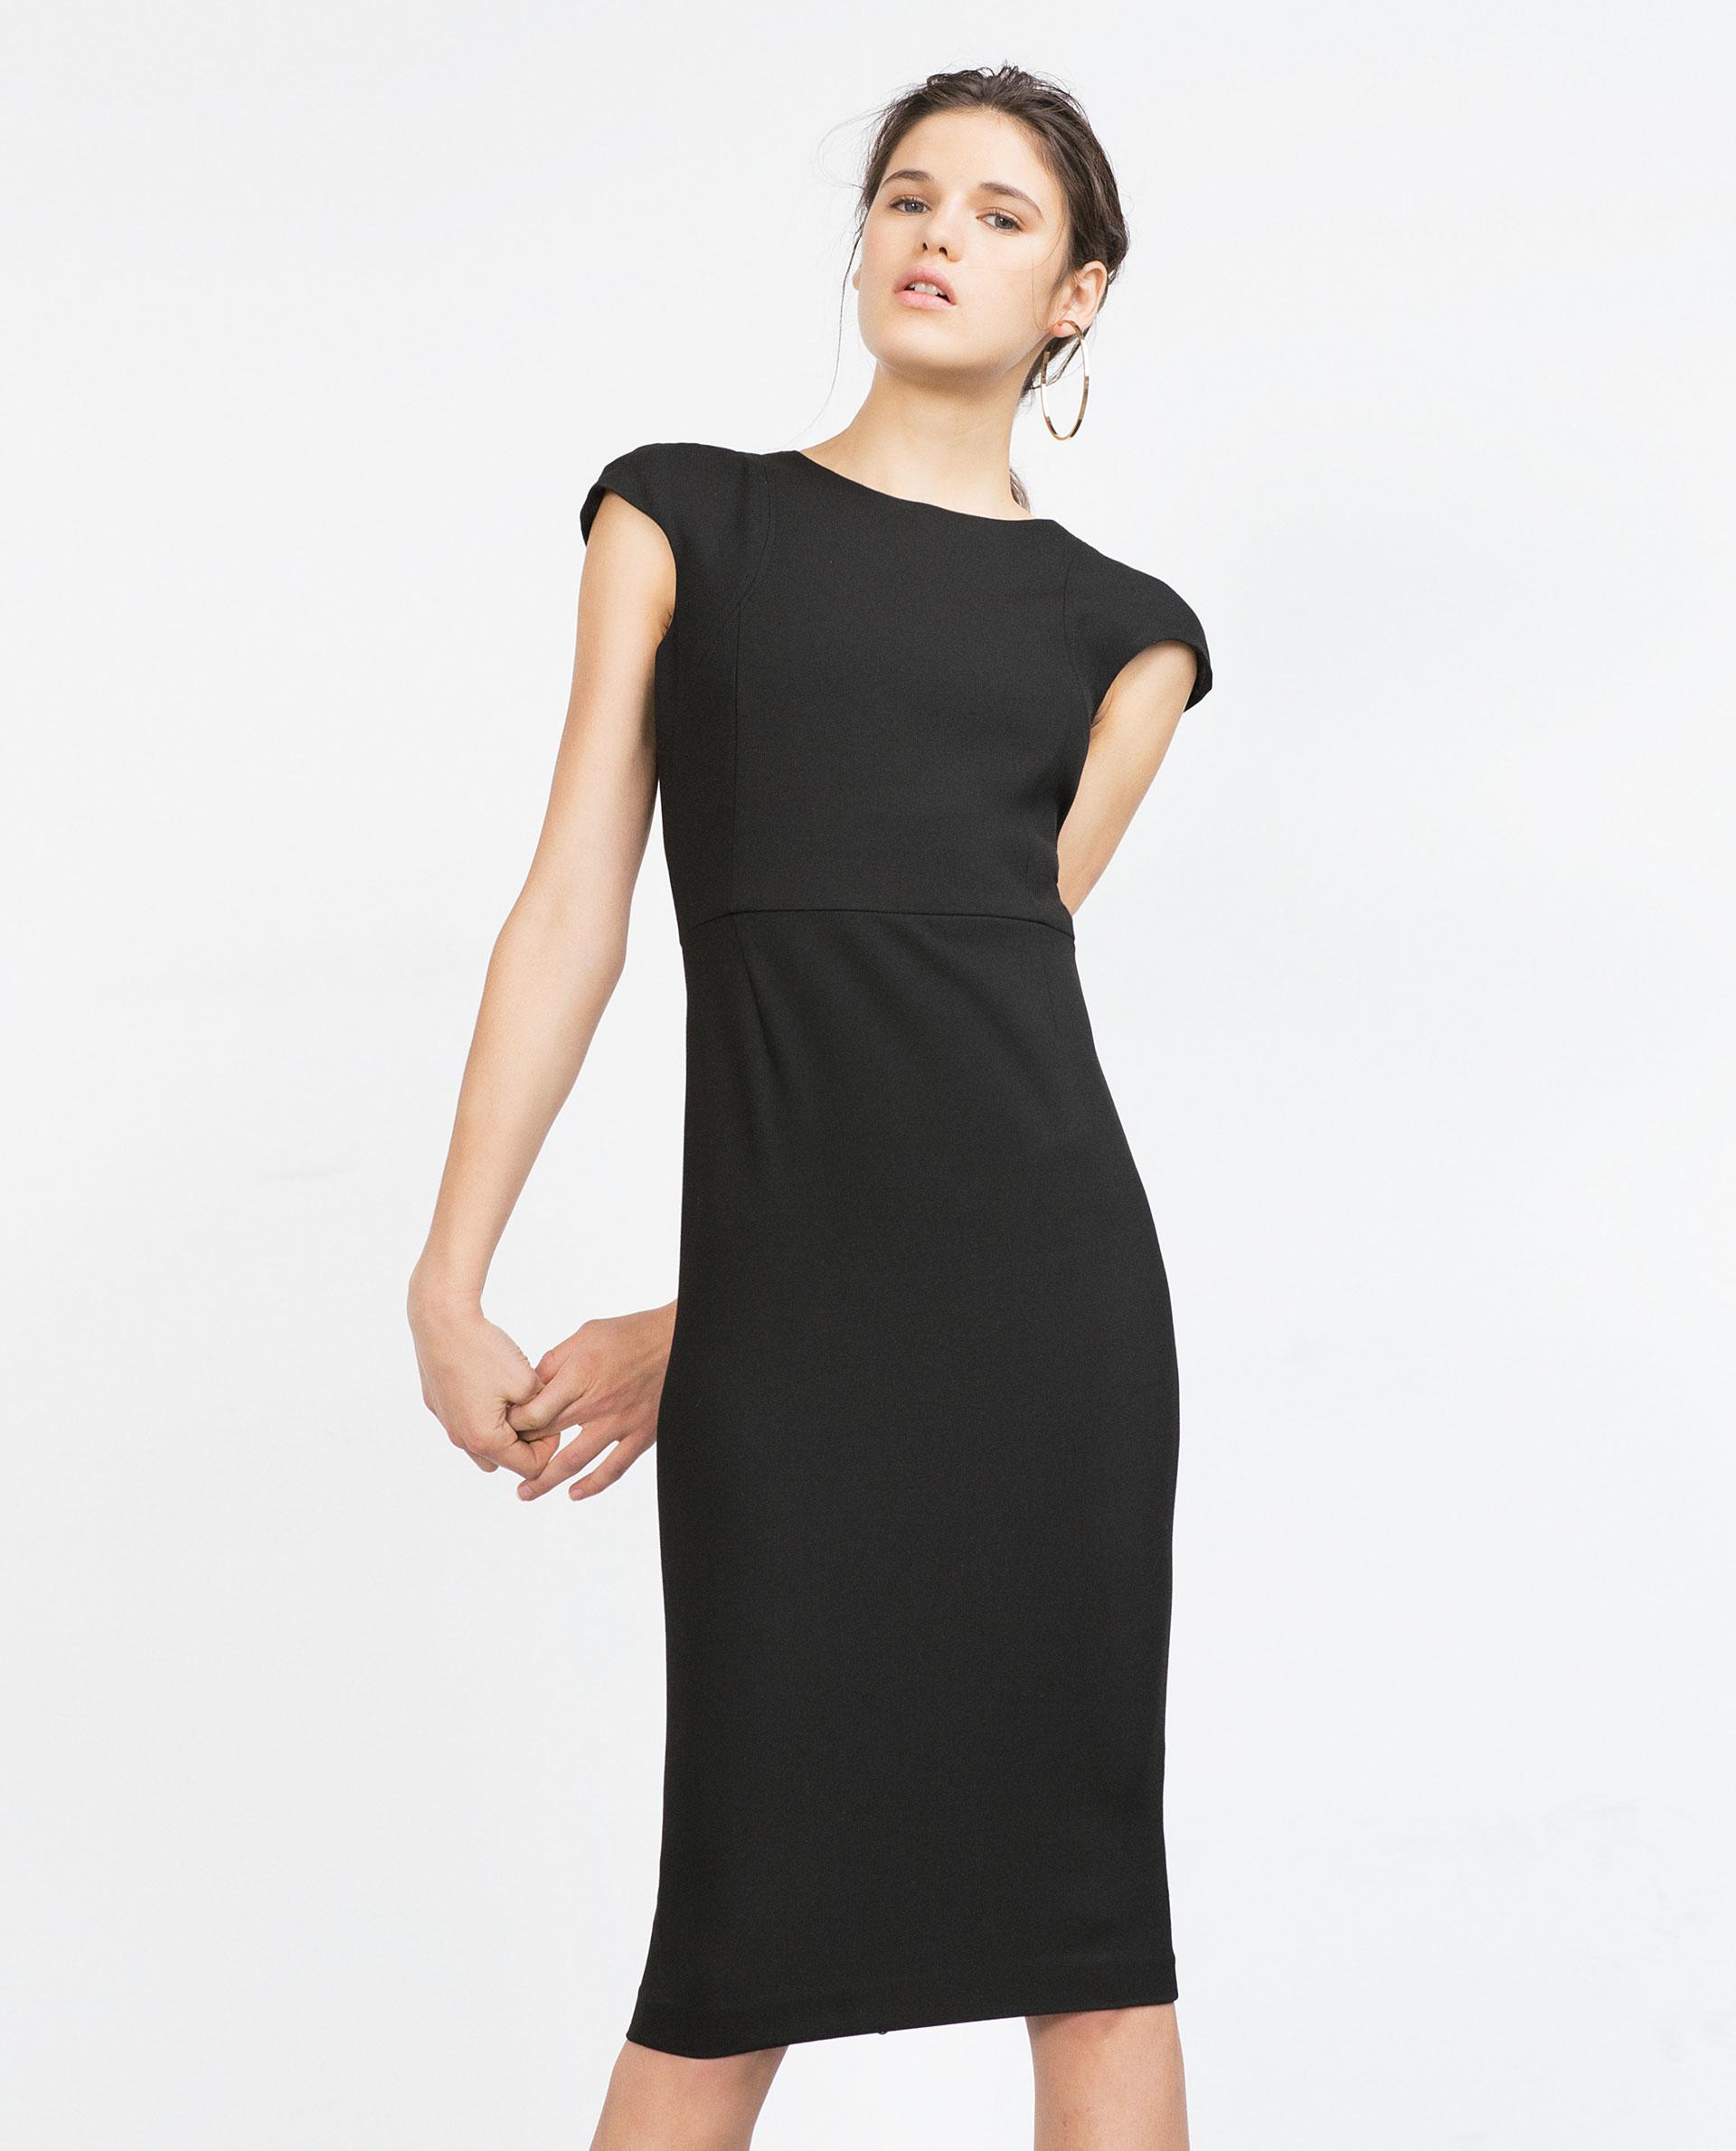 Zara Zip-back Tube Dress in Black   Lyst - photo#20